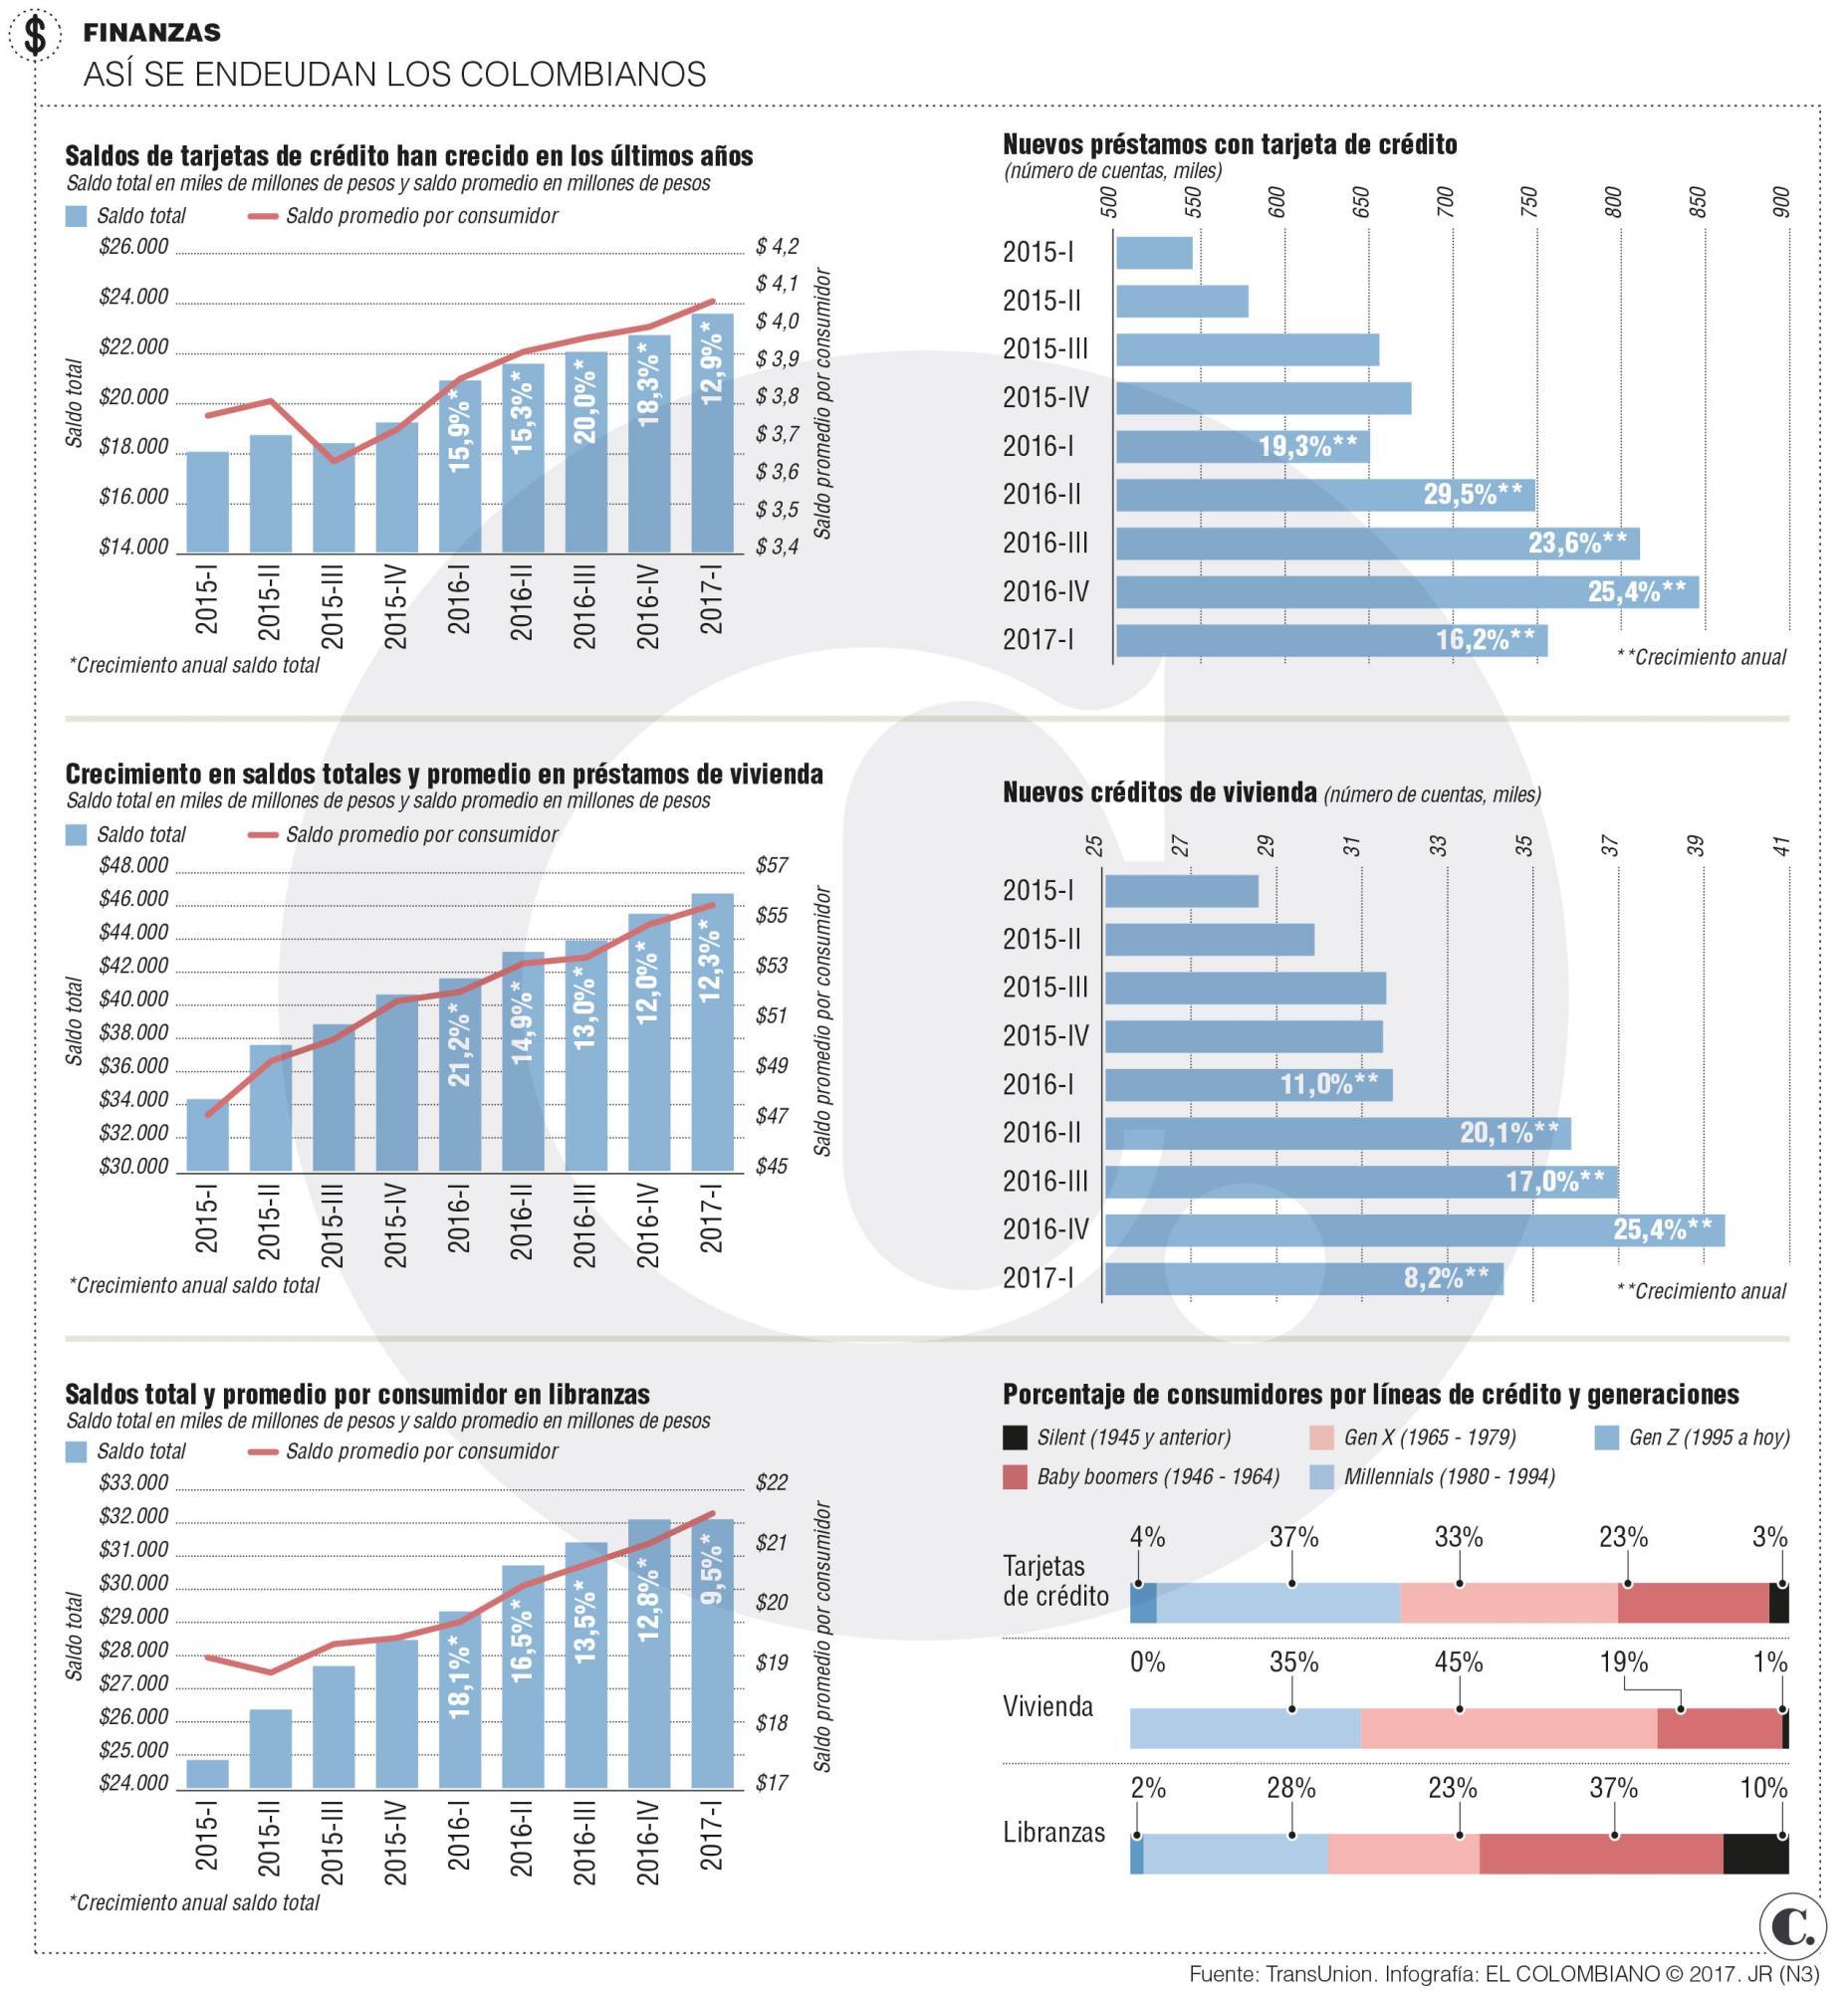 Evolución de deuda financiera de los colombianos